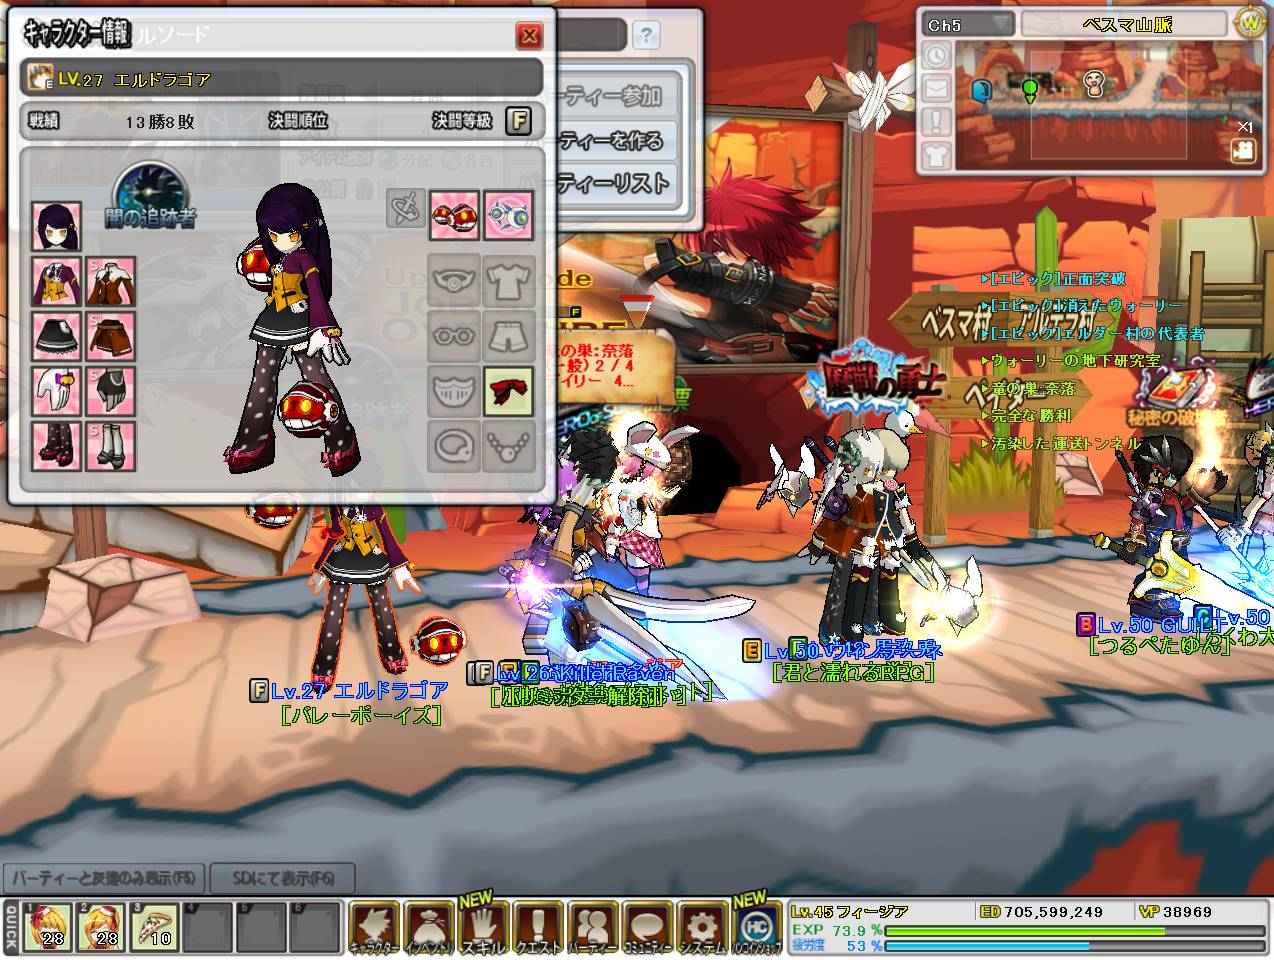 SC_2010_12_19_22_23_13_.jpg